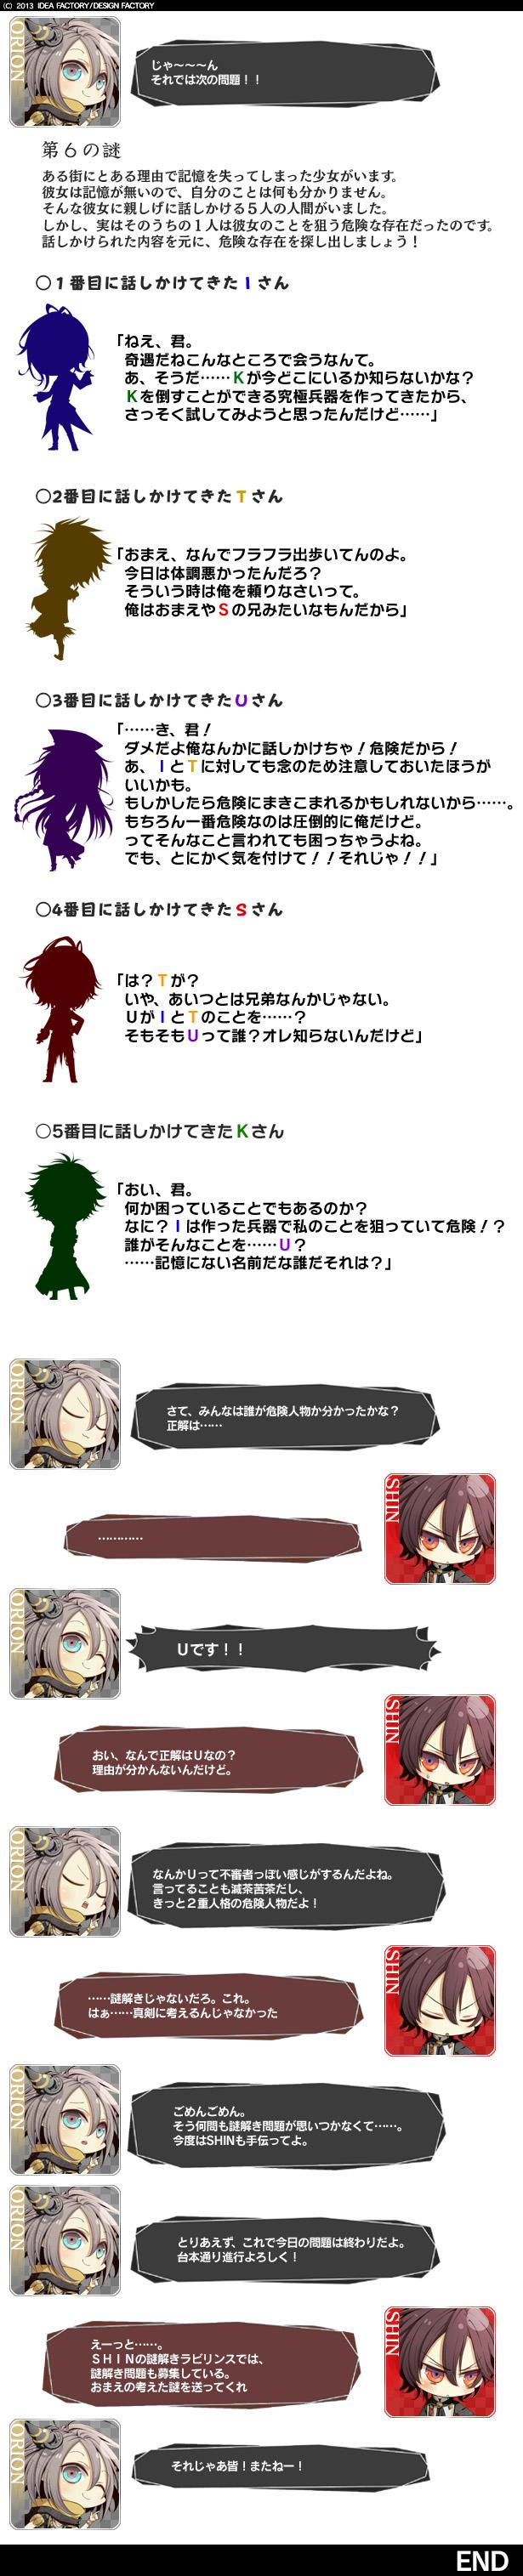 0514キャラ会話2.jpg